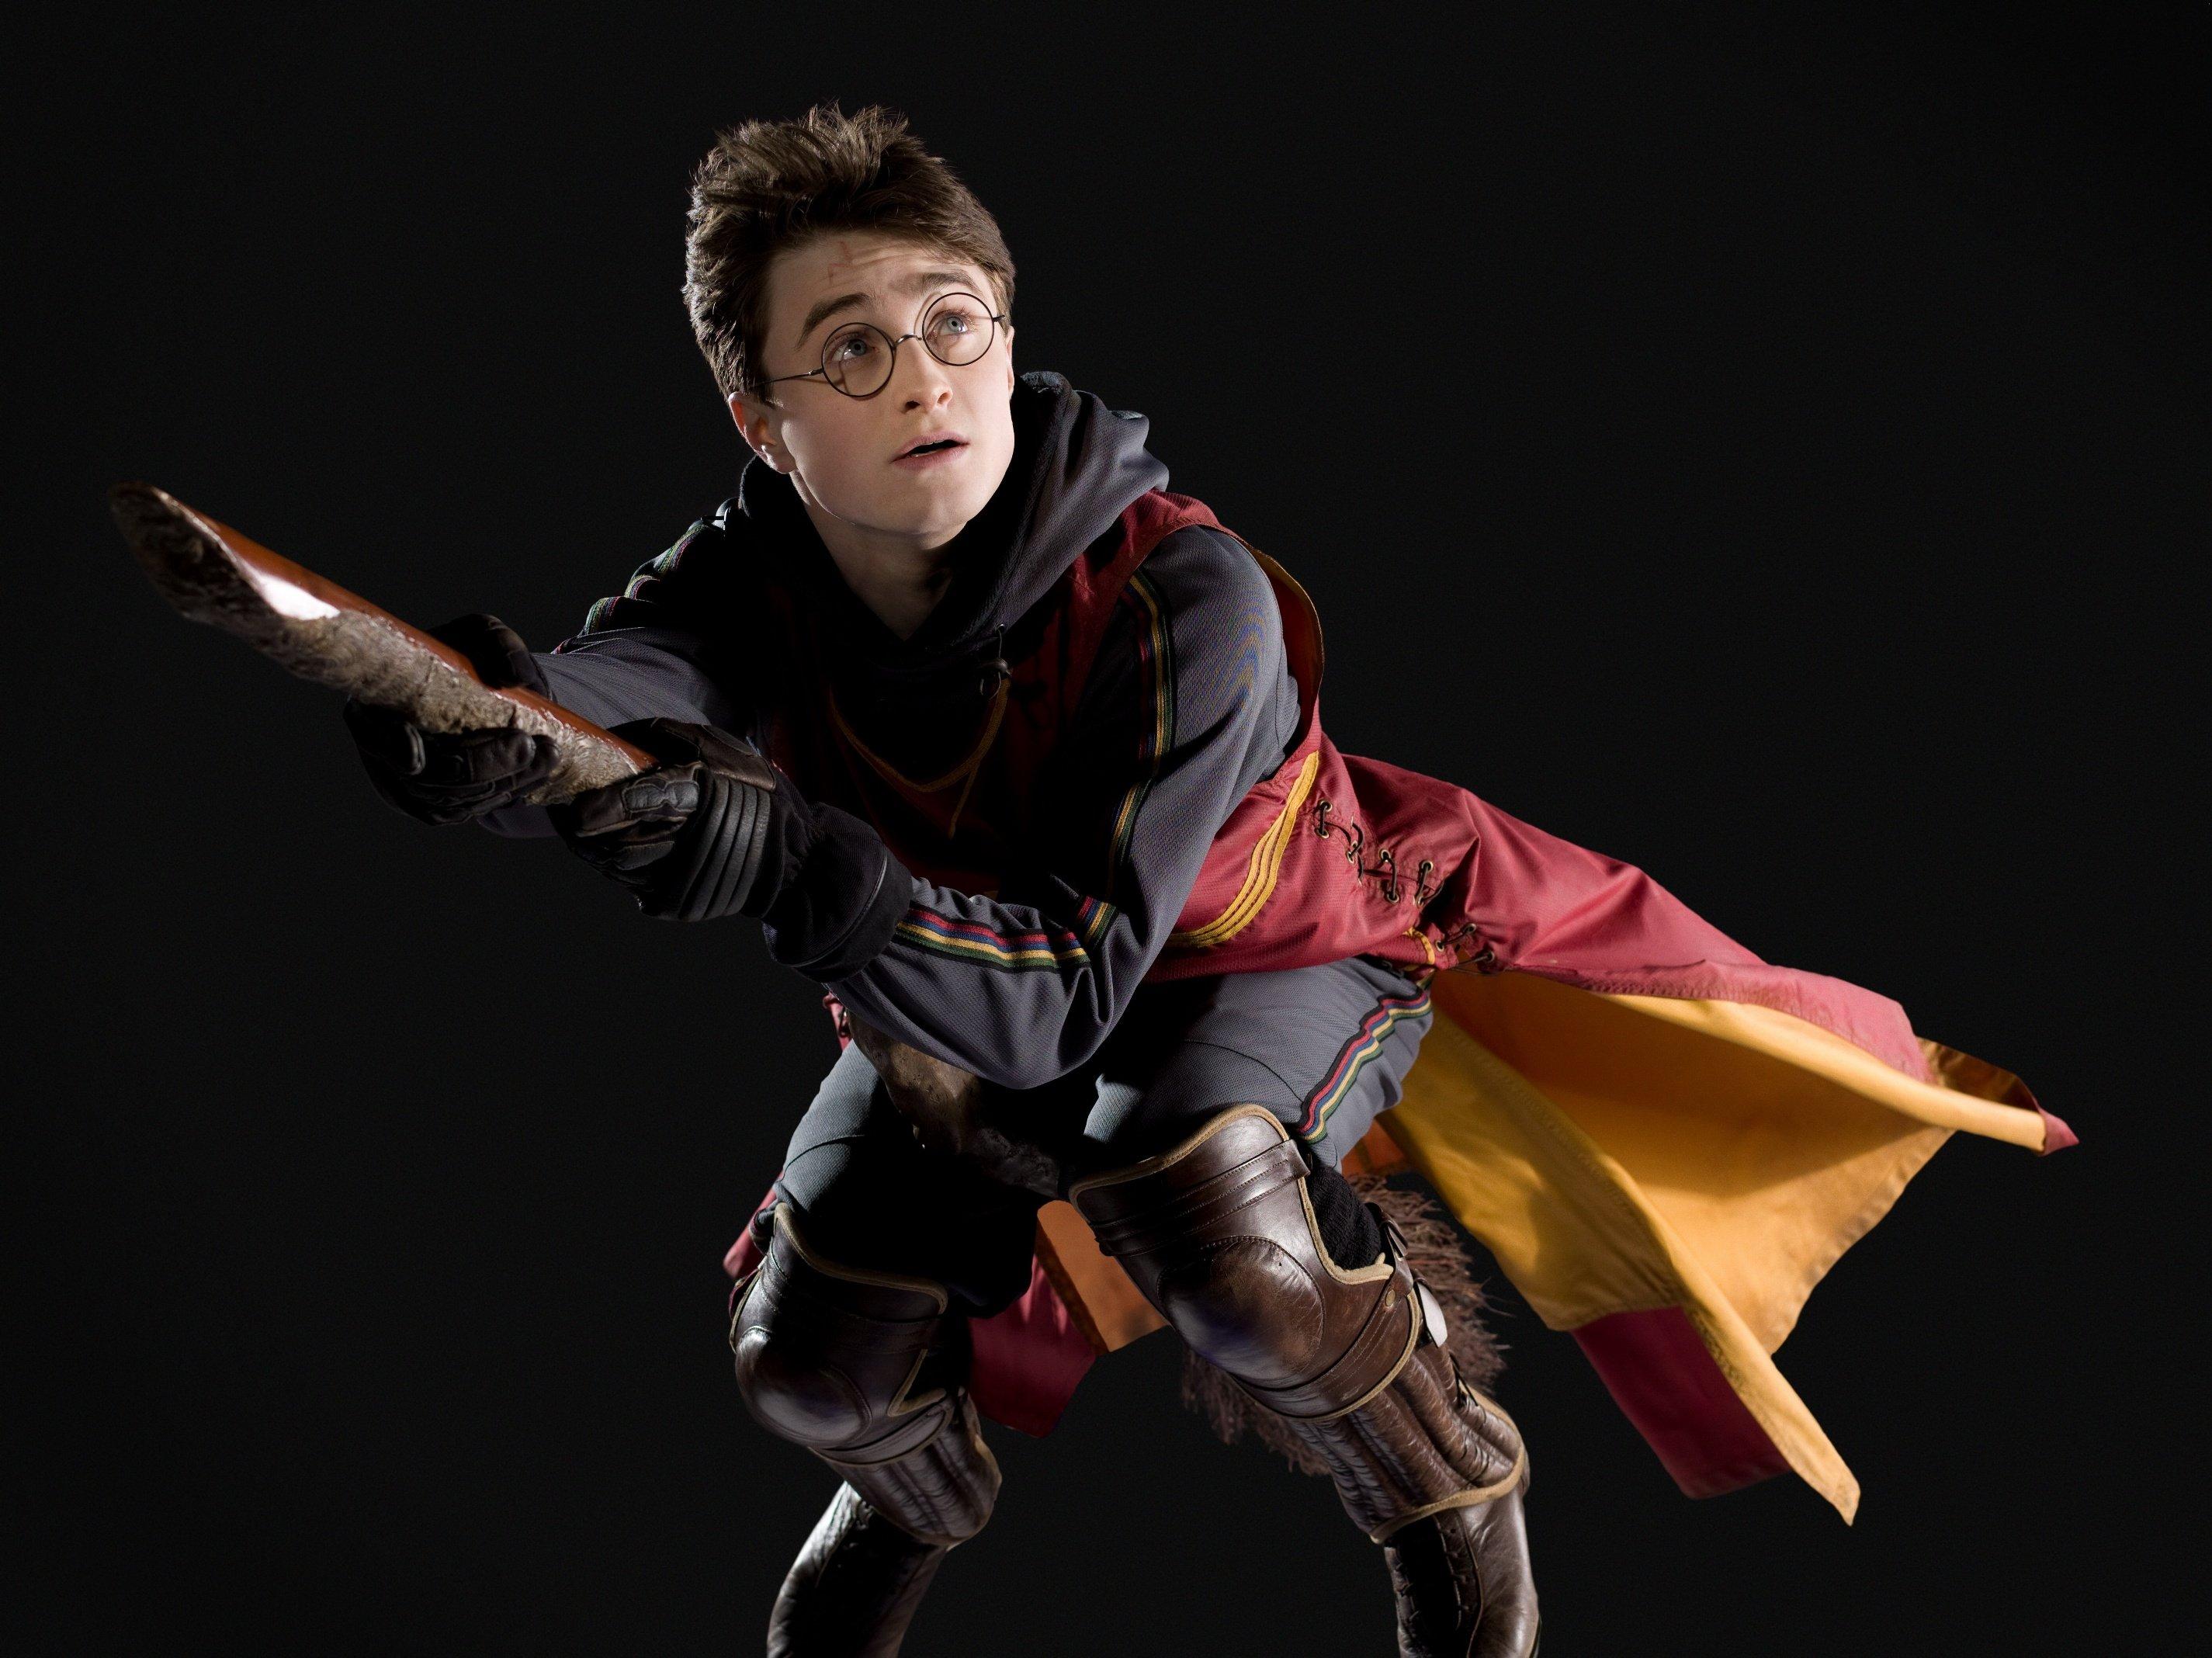 Daniel Radcliffe interpreta a Harry Potter.